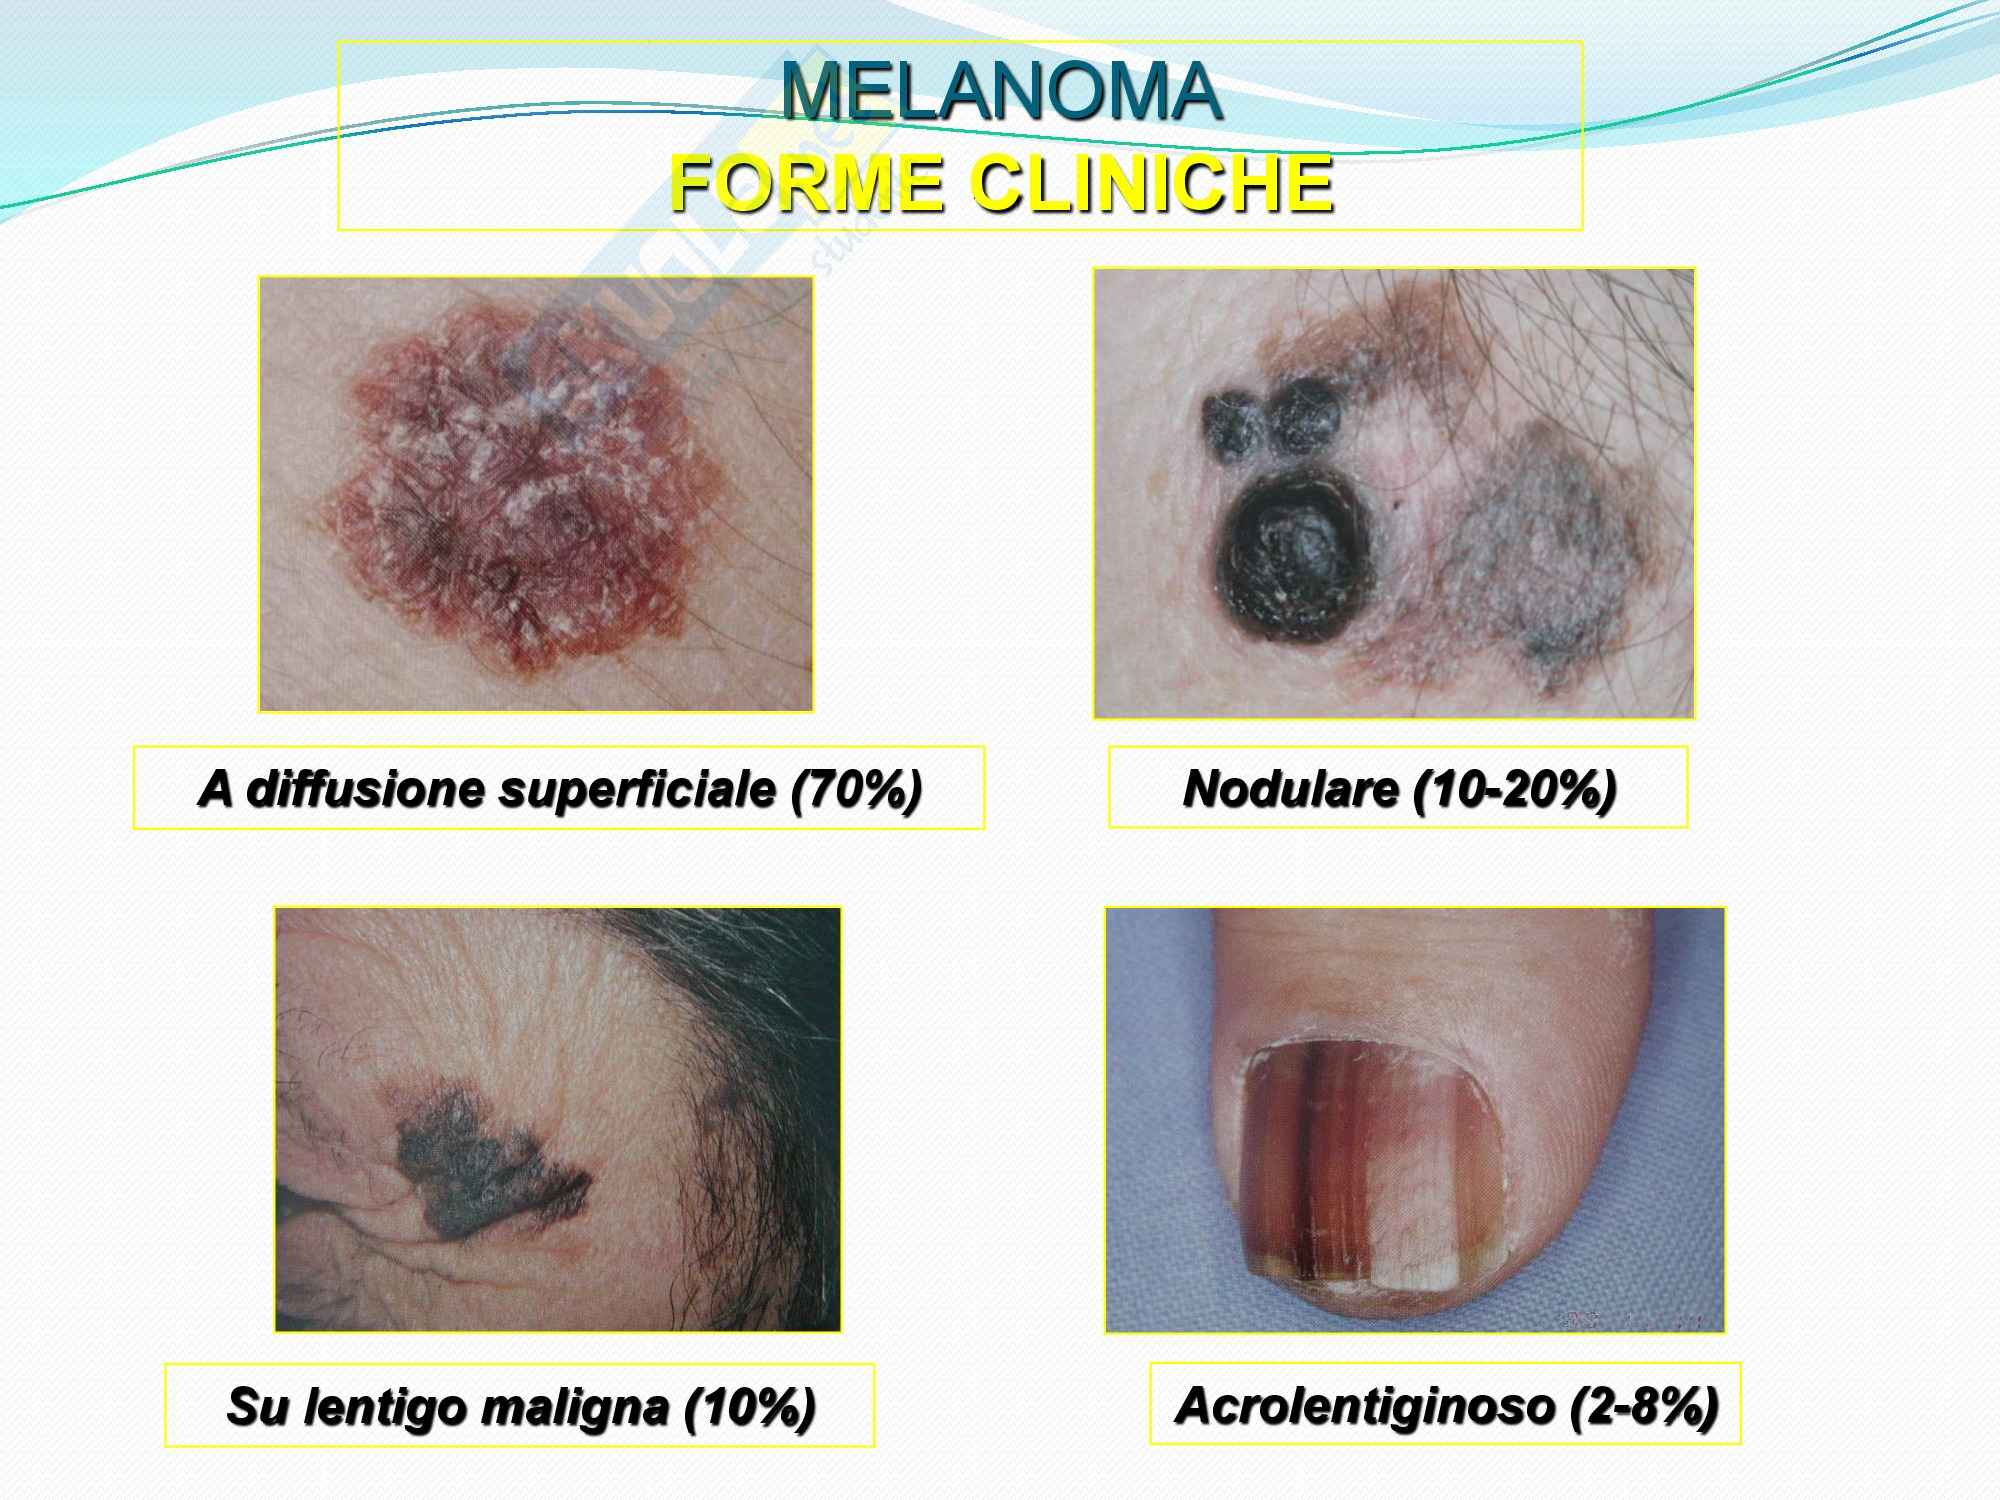 Chirurgia plastica - le forme cliniche del melanoma